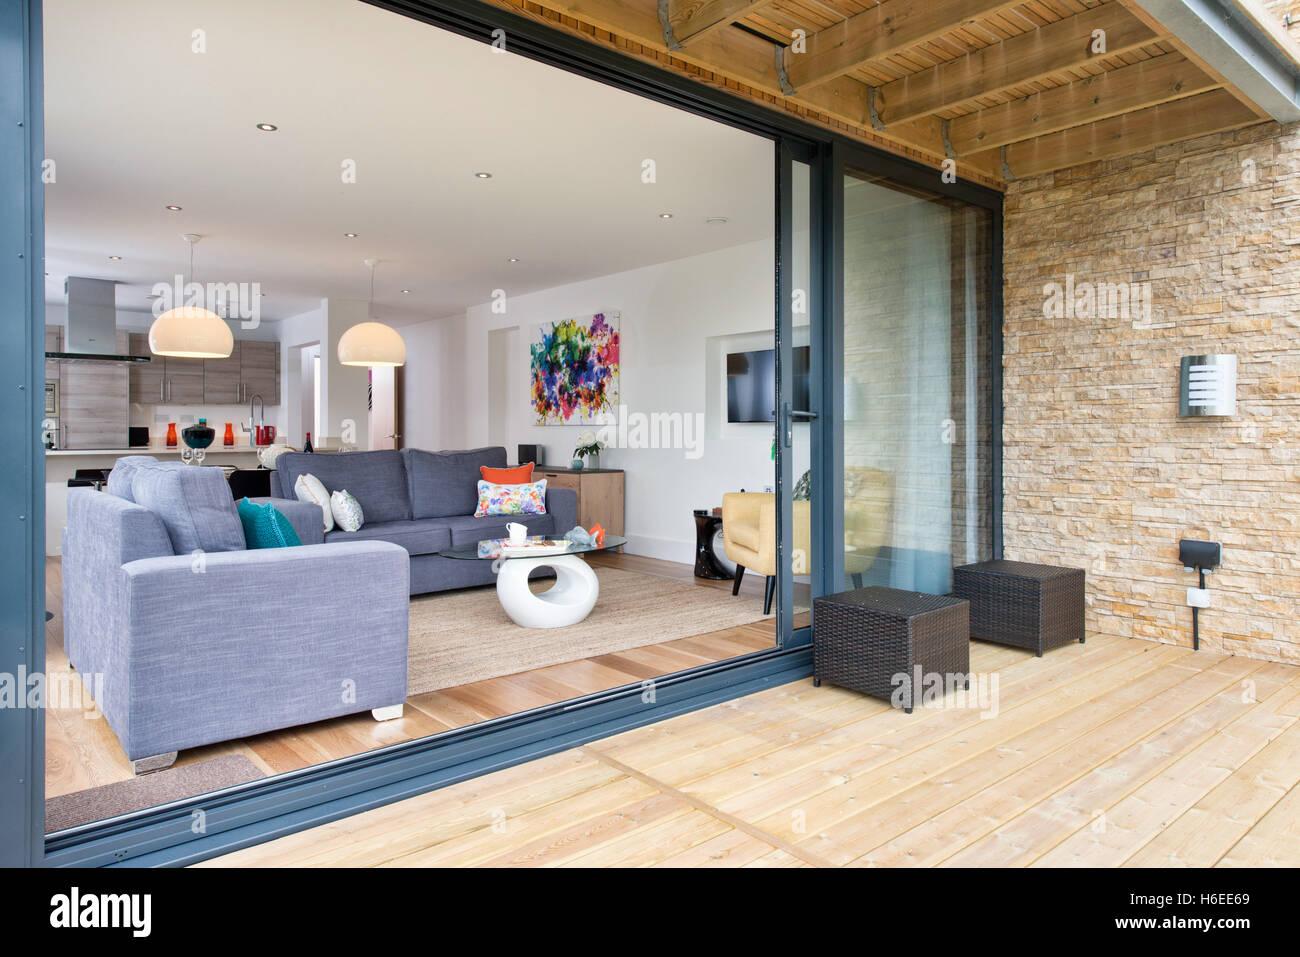 Schiebetüren Küche ein offenes wohnzimmer essbereich und küche mit großen schiebetüren